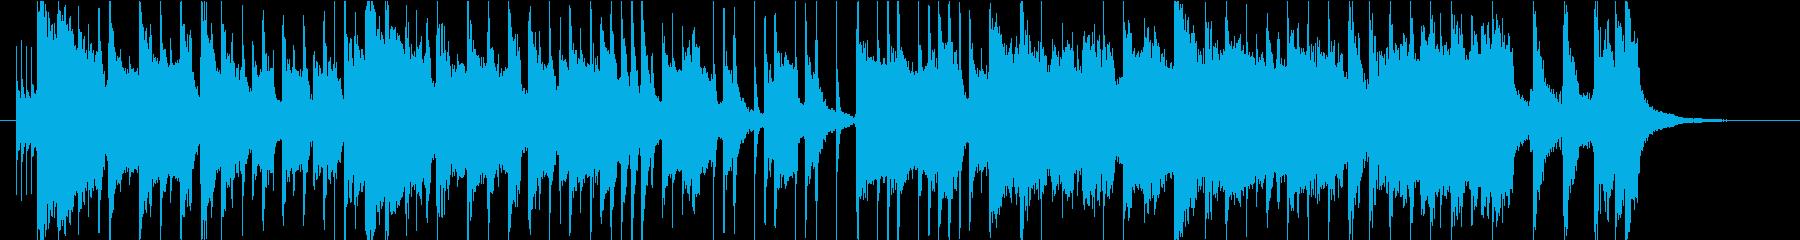 次回予告風の30秒ジングルの再生済みの波形